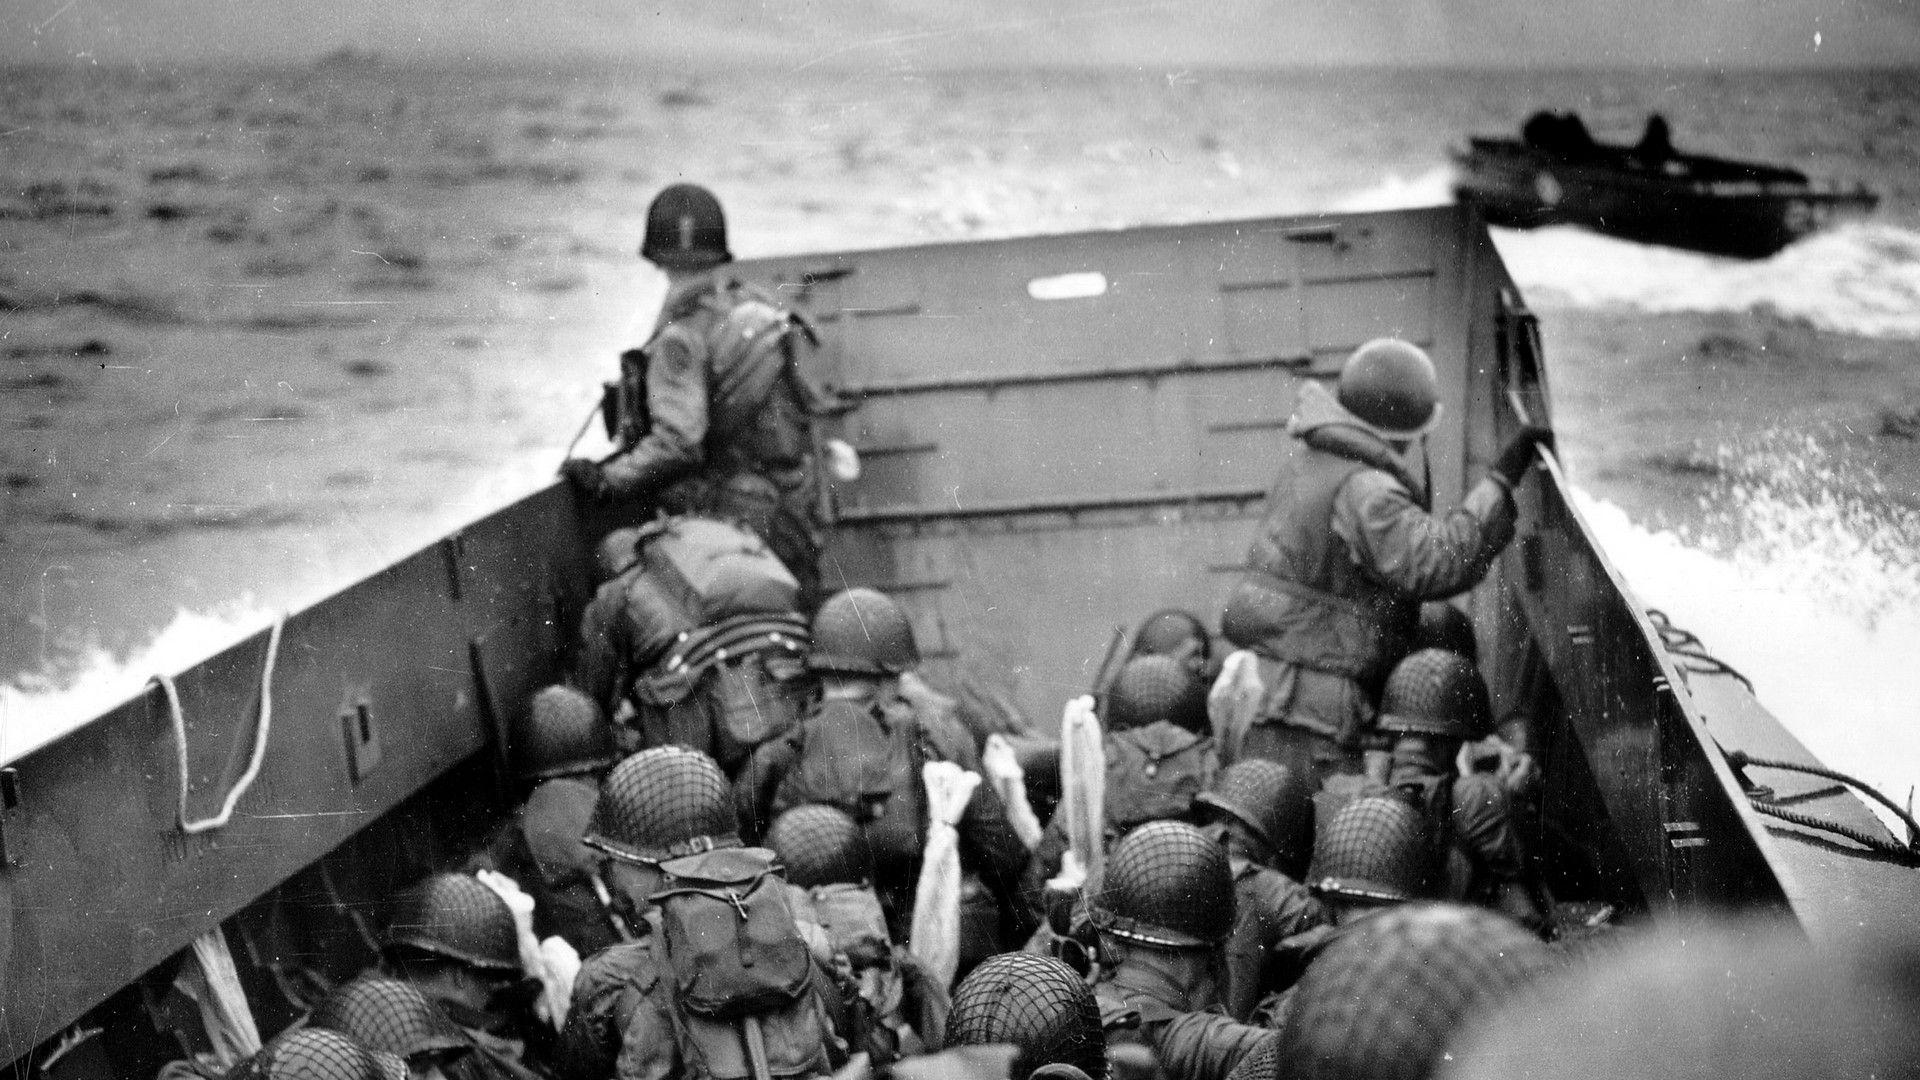 Výsledek obrázku pro second world war photography